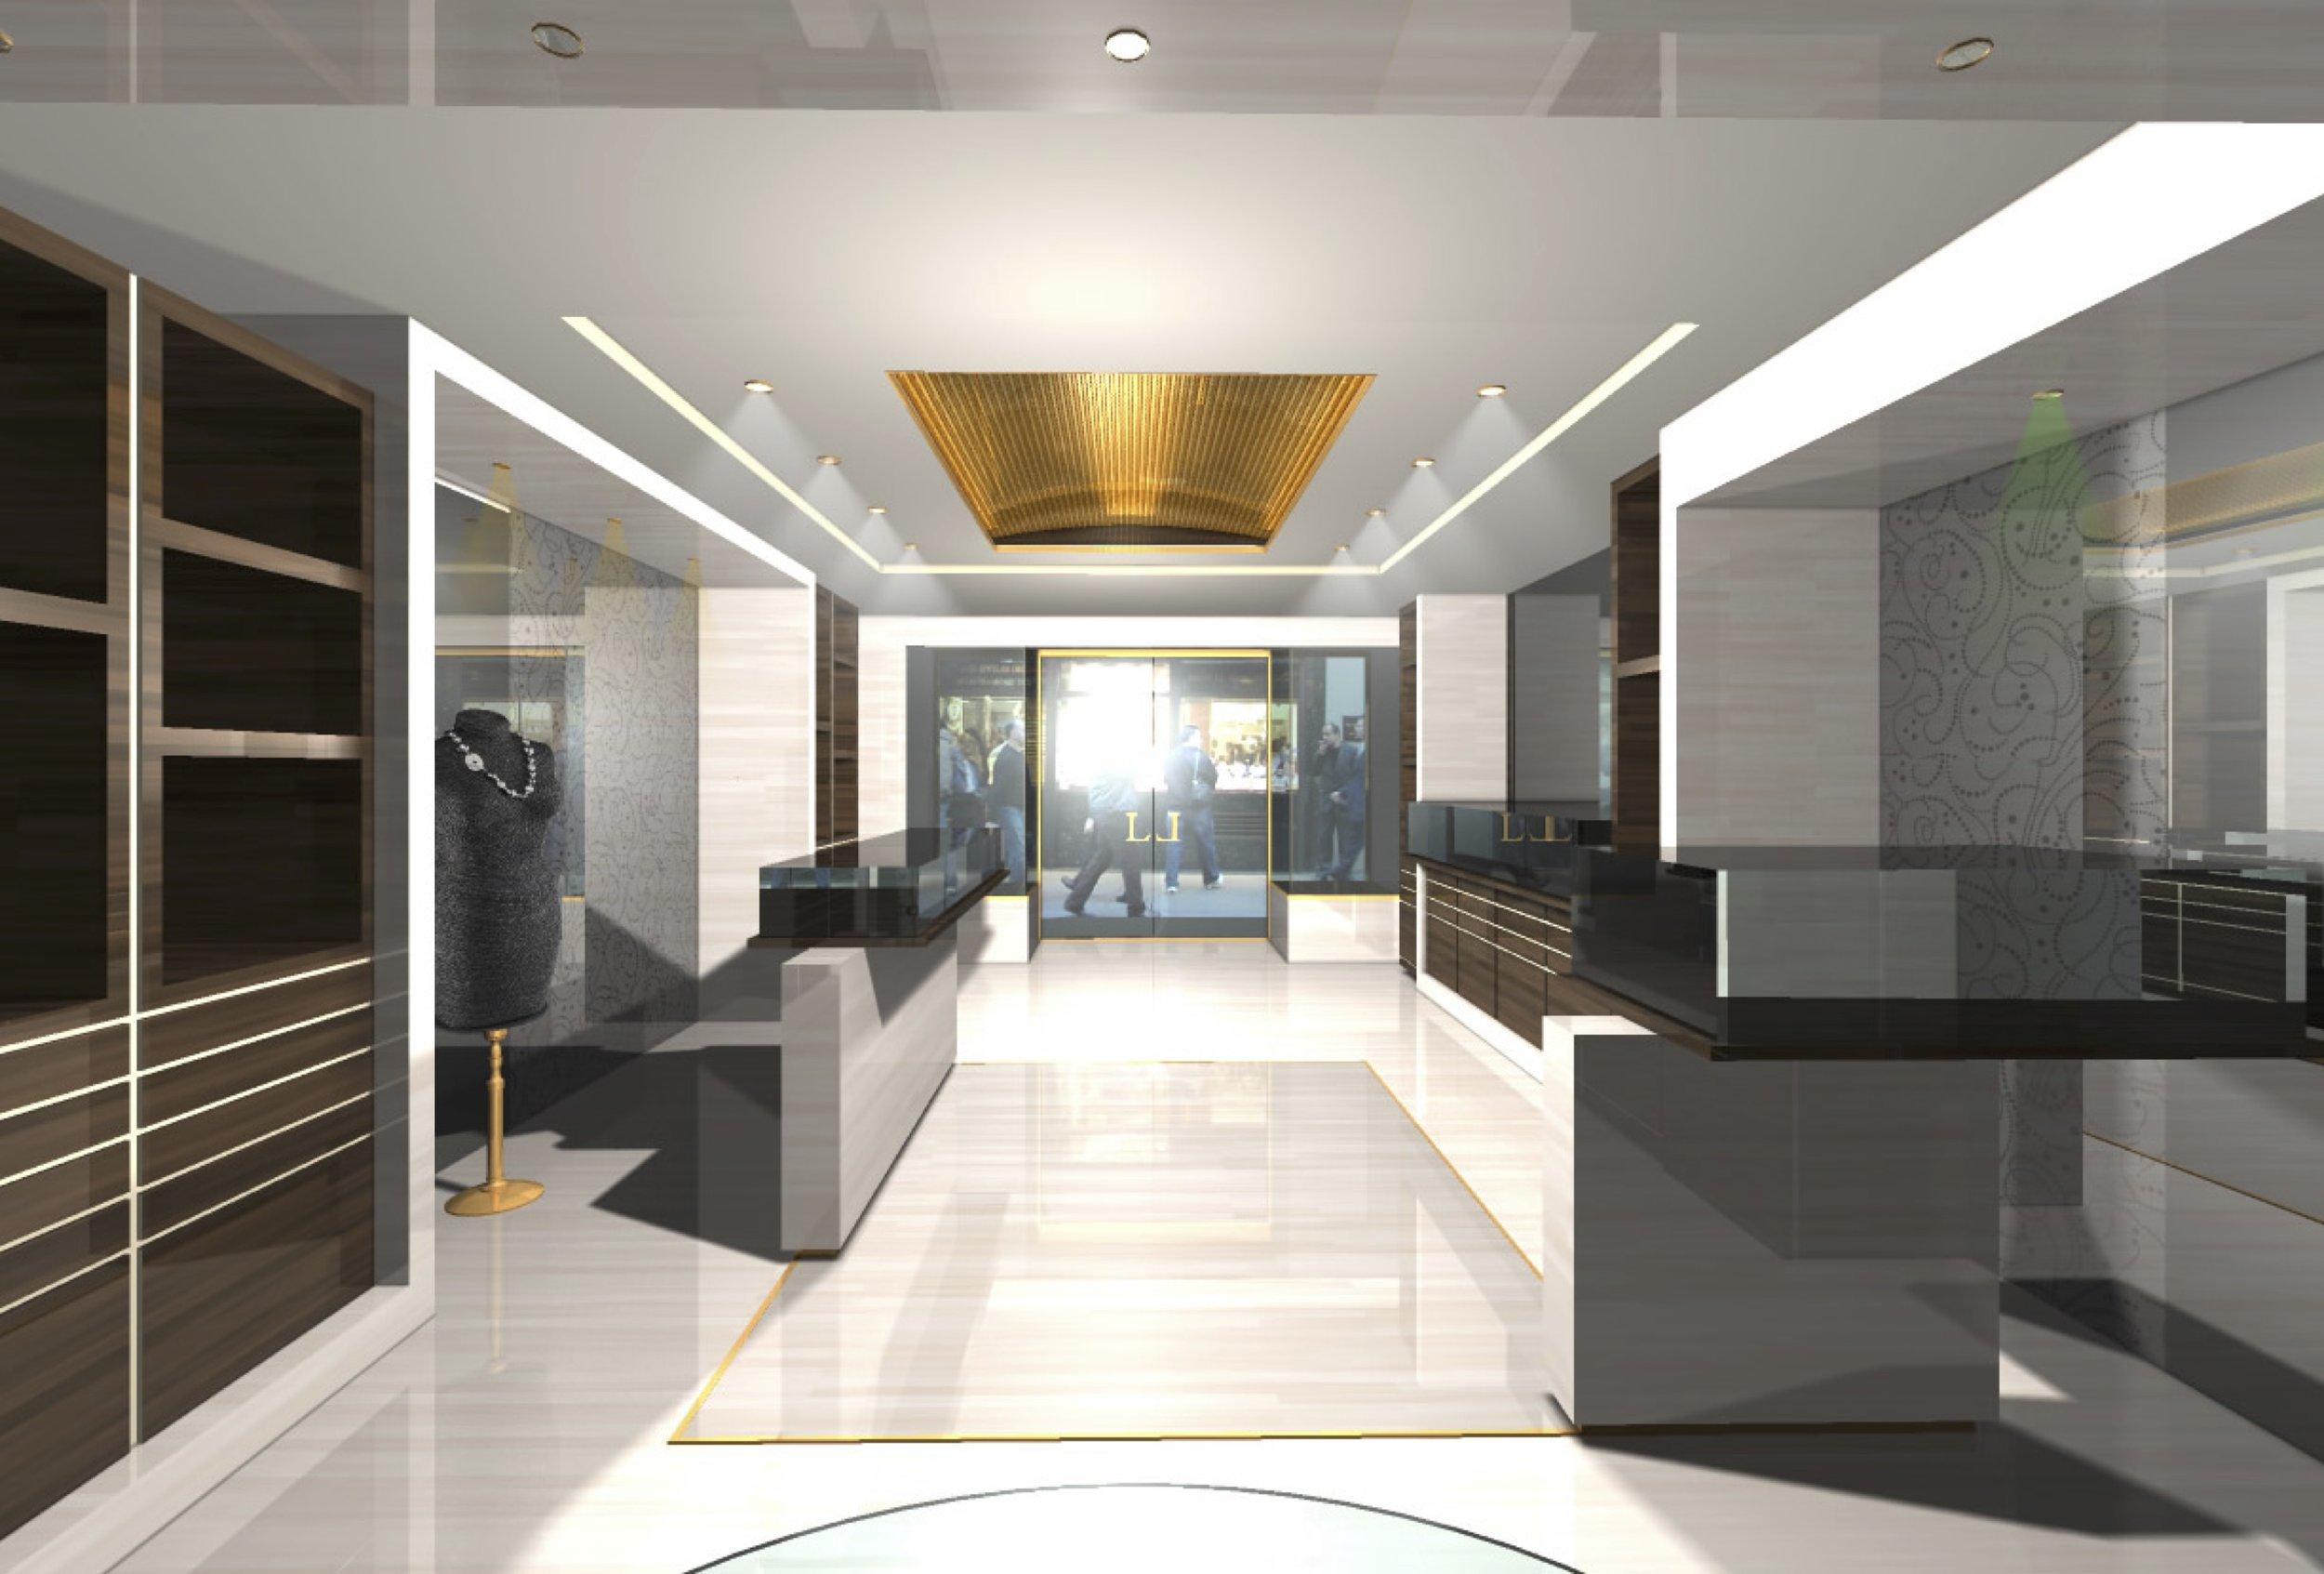 Lagos flagship interior rendering 2 - RETAIL.jpg